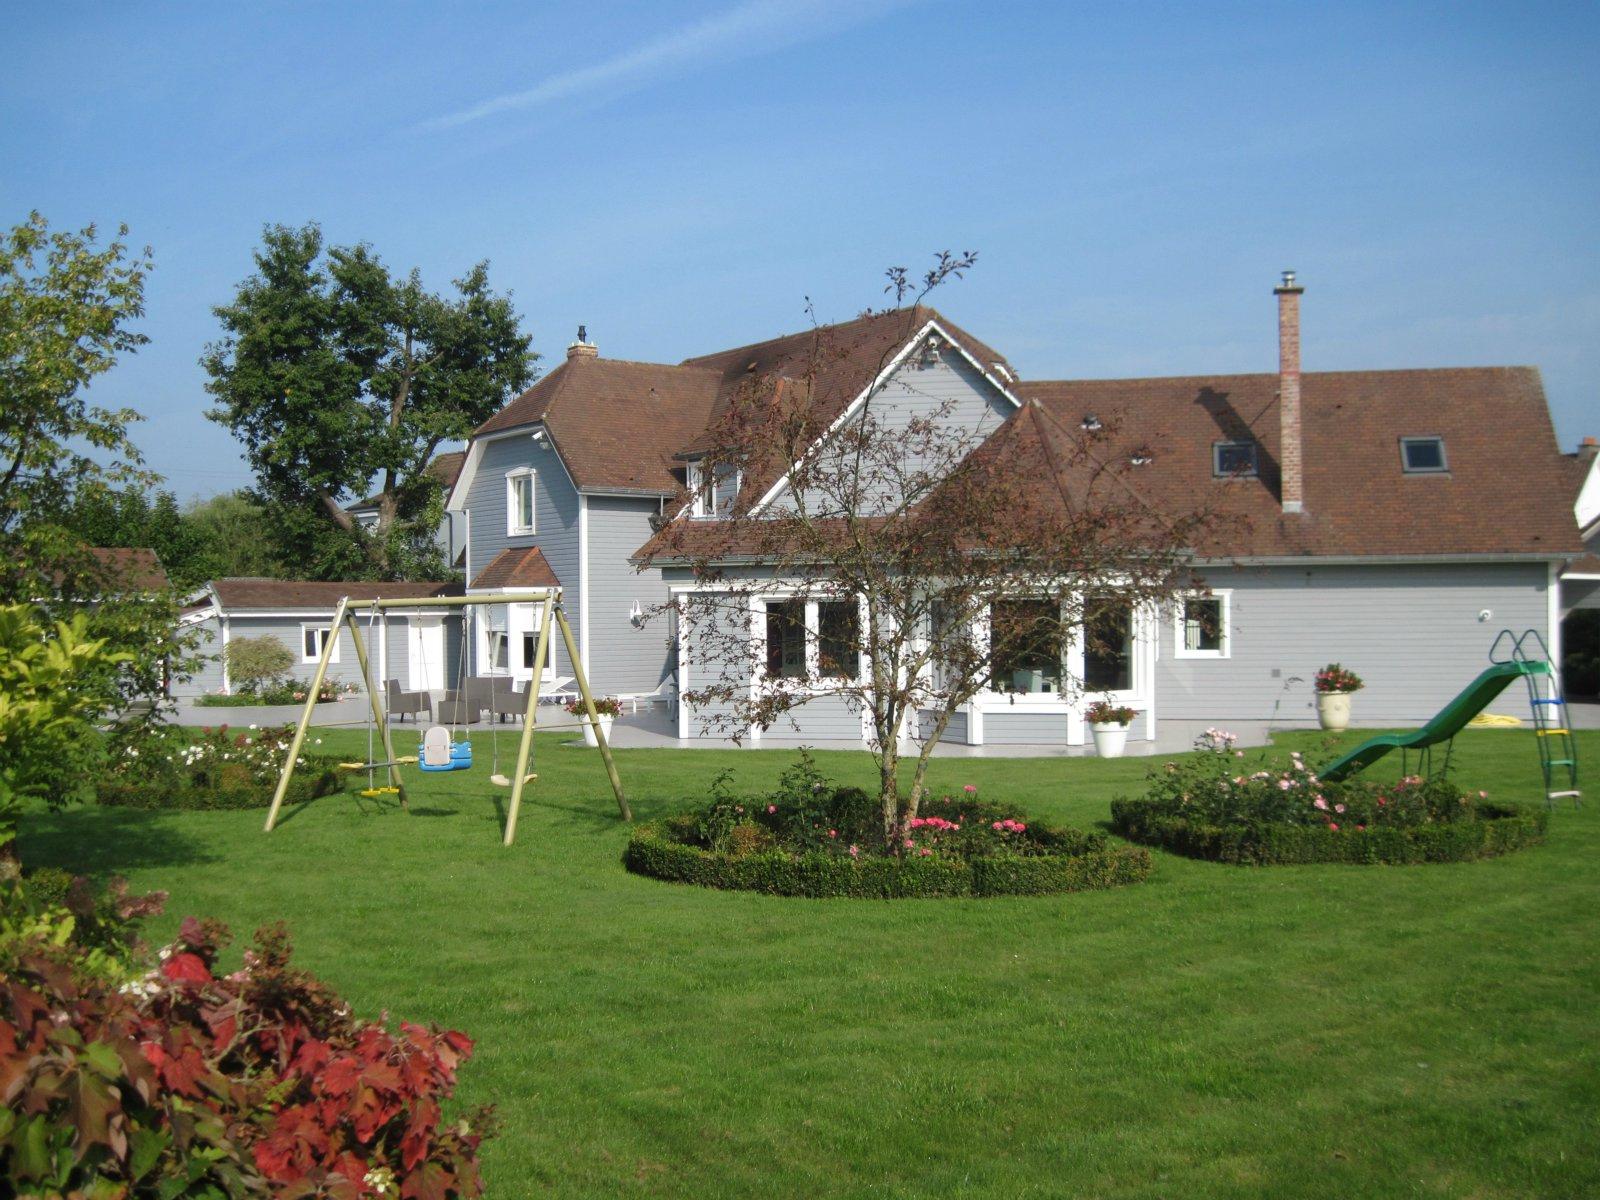 Vente maison/villa 13 pièces hesdin 62140